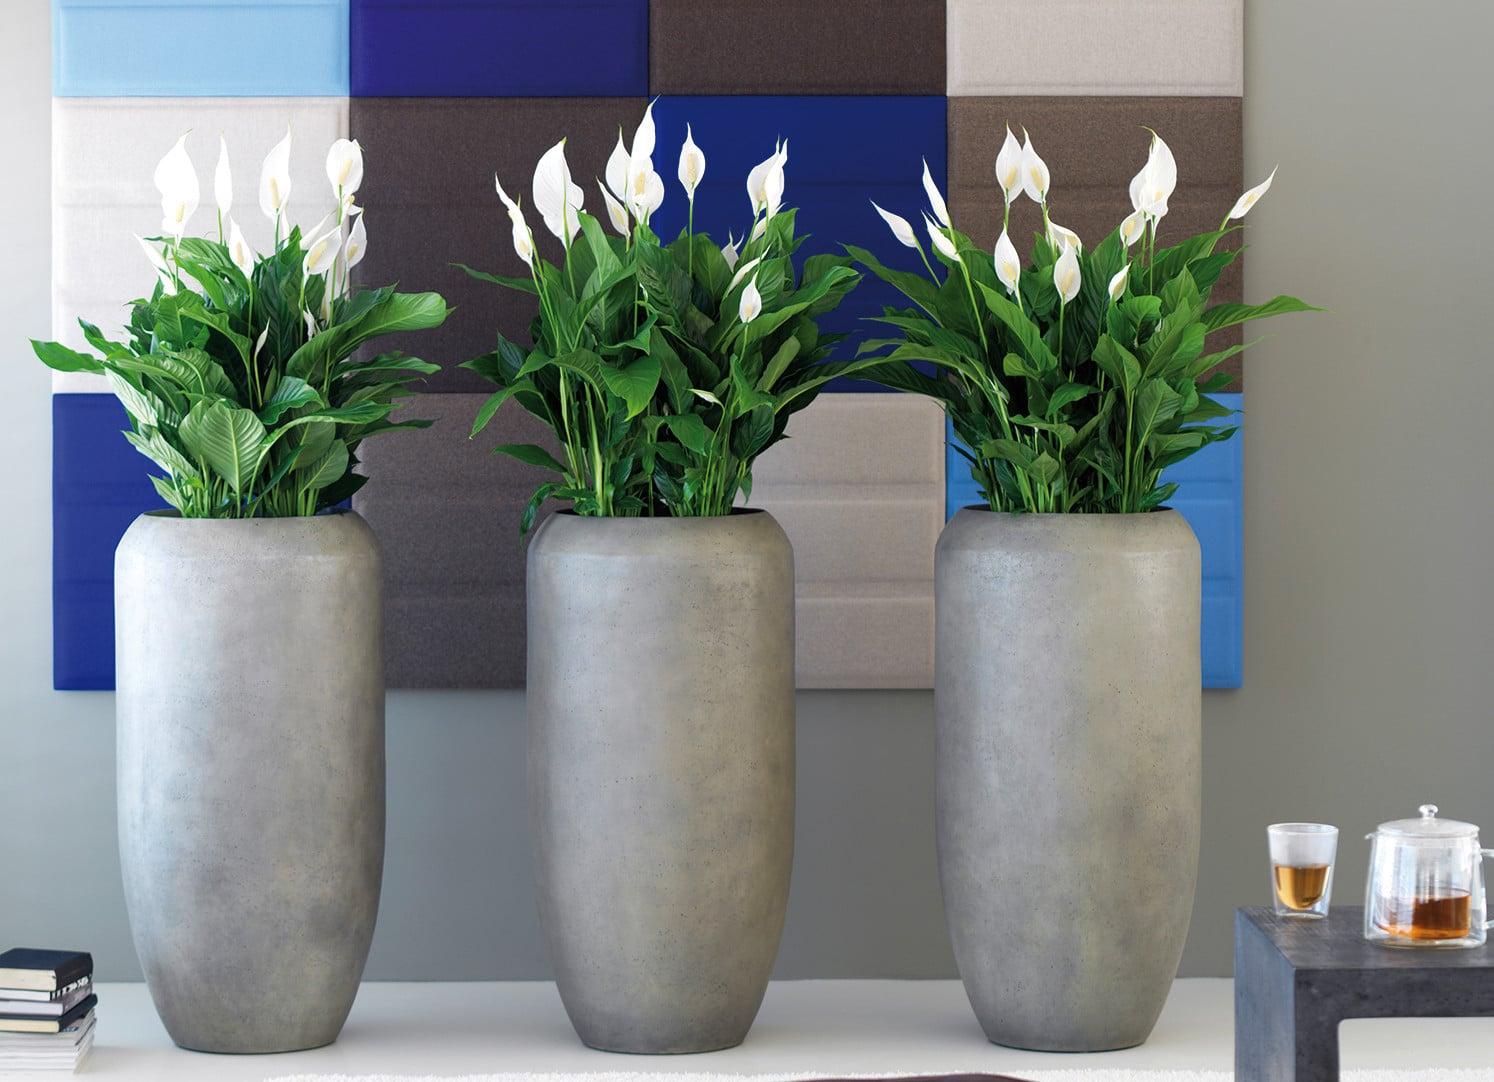 Pflanzengefässe